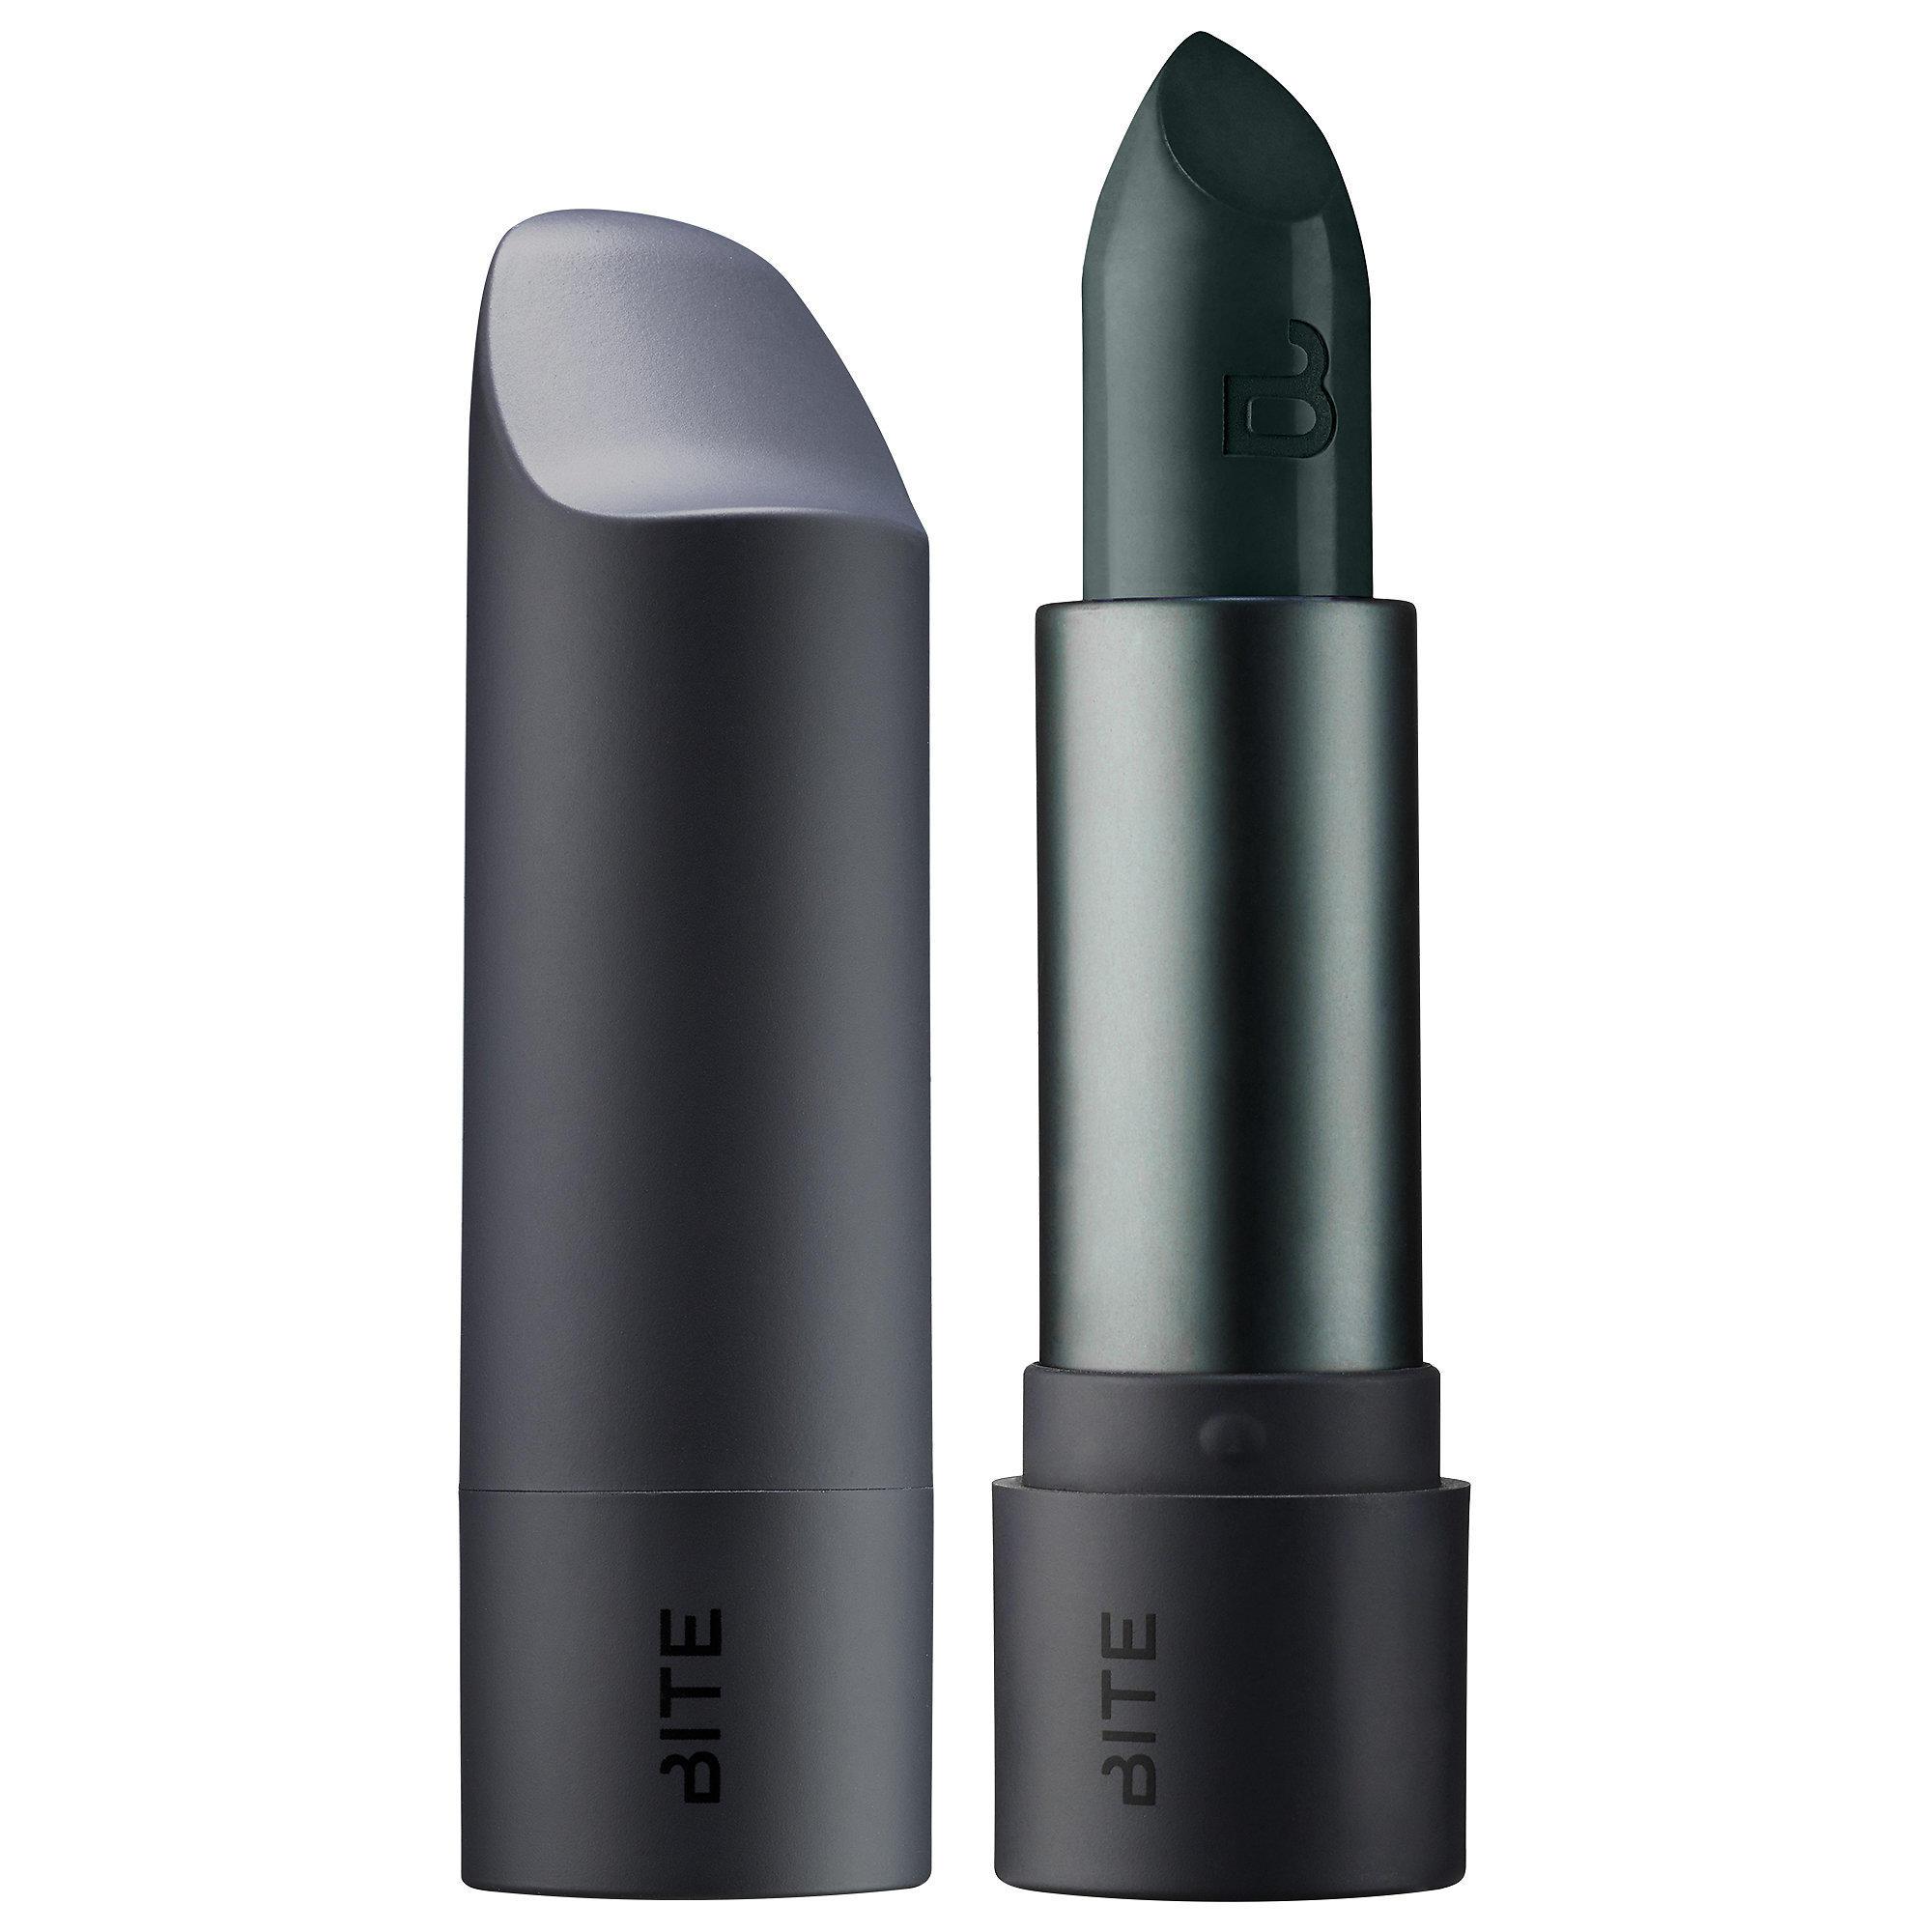 Bite Beauty Amuse Bouche Lipstick Kale